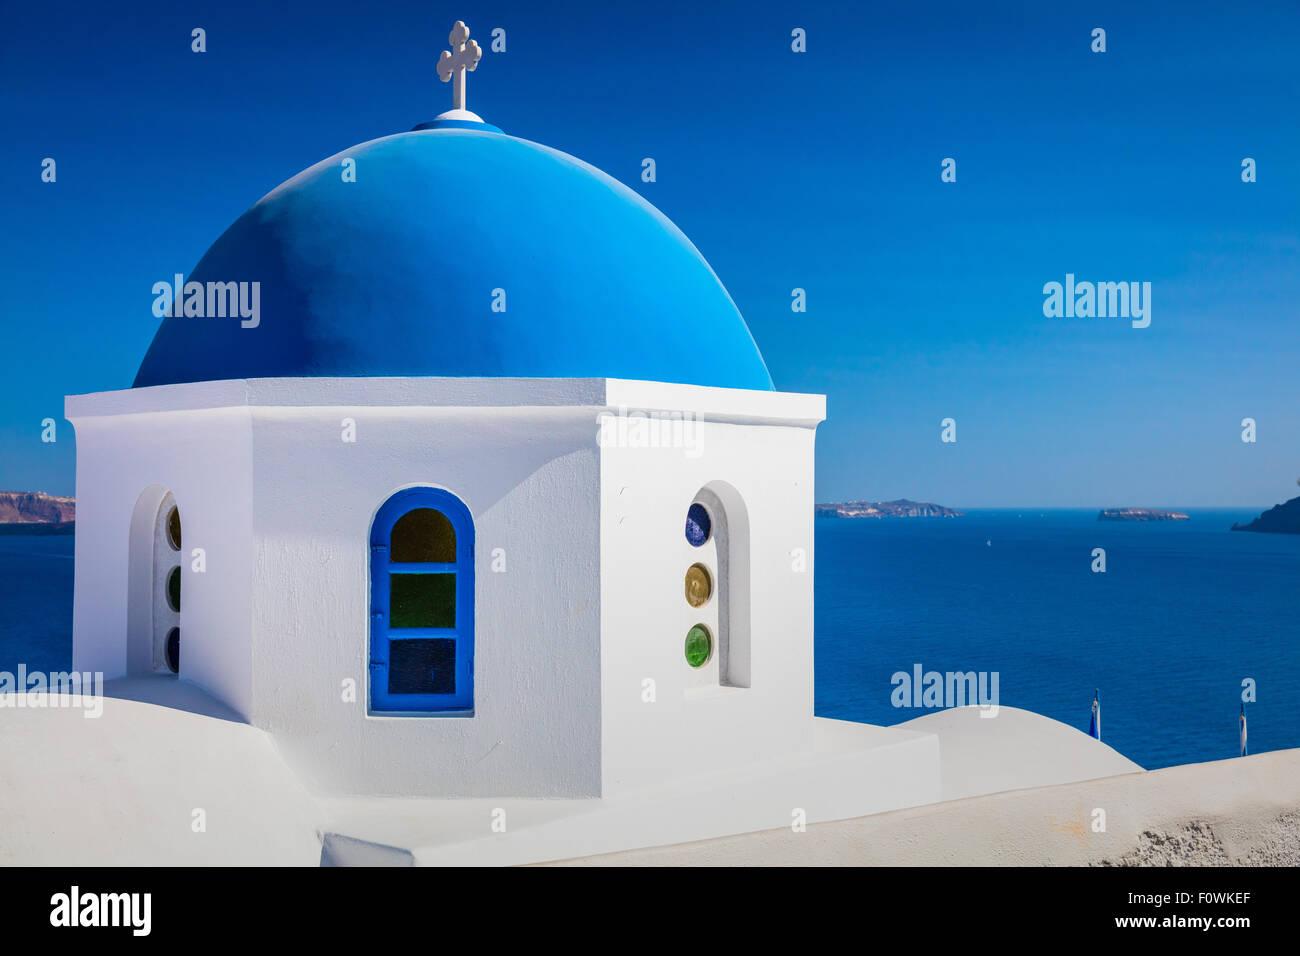 Icónica capilla de cúpula azul en la localidad de Oia, en la isla griega de Santorini (Thera) Foto de stock